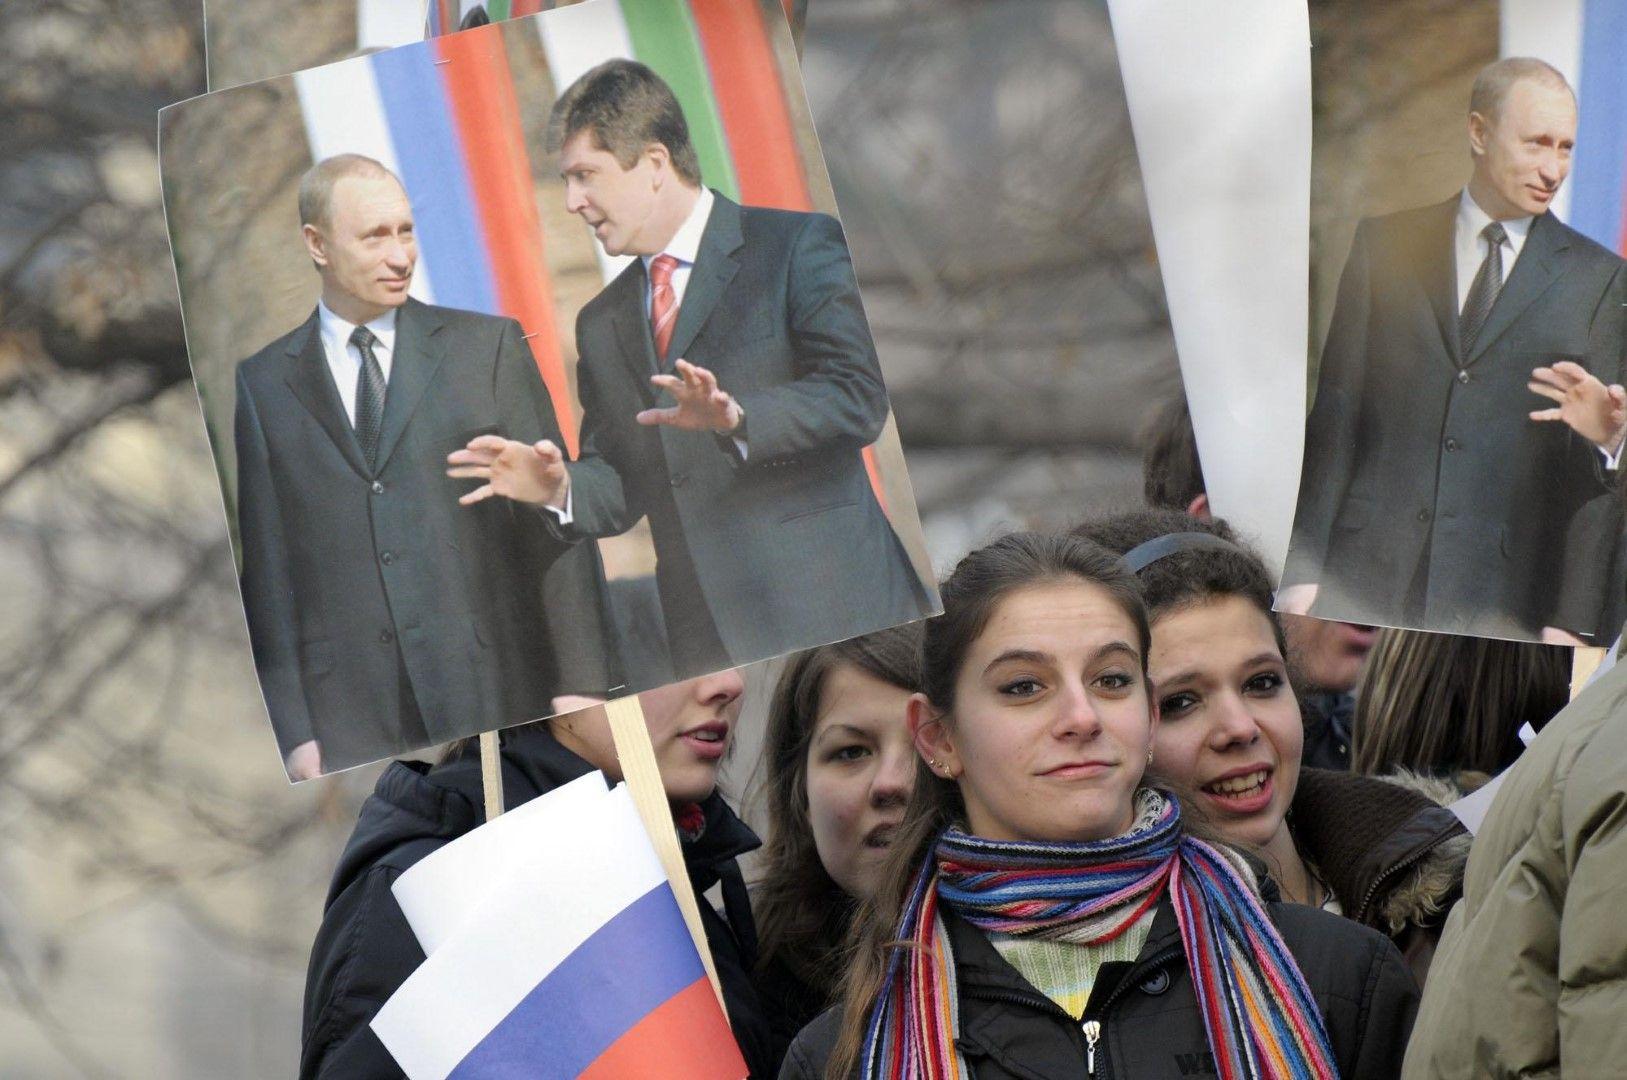 Ученици носят плакати на двамата президенти Владимир Путин и Георги Първанов, 18 януари 2008 г.